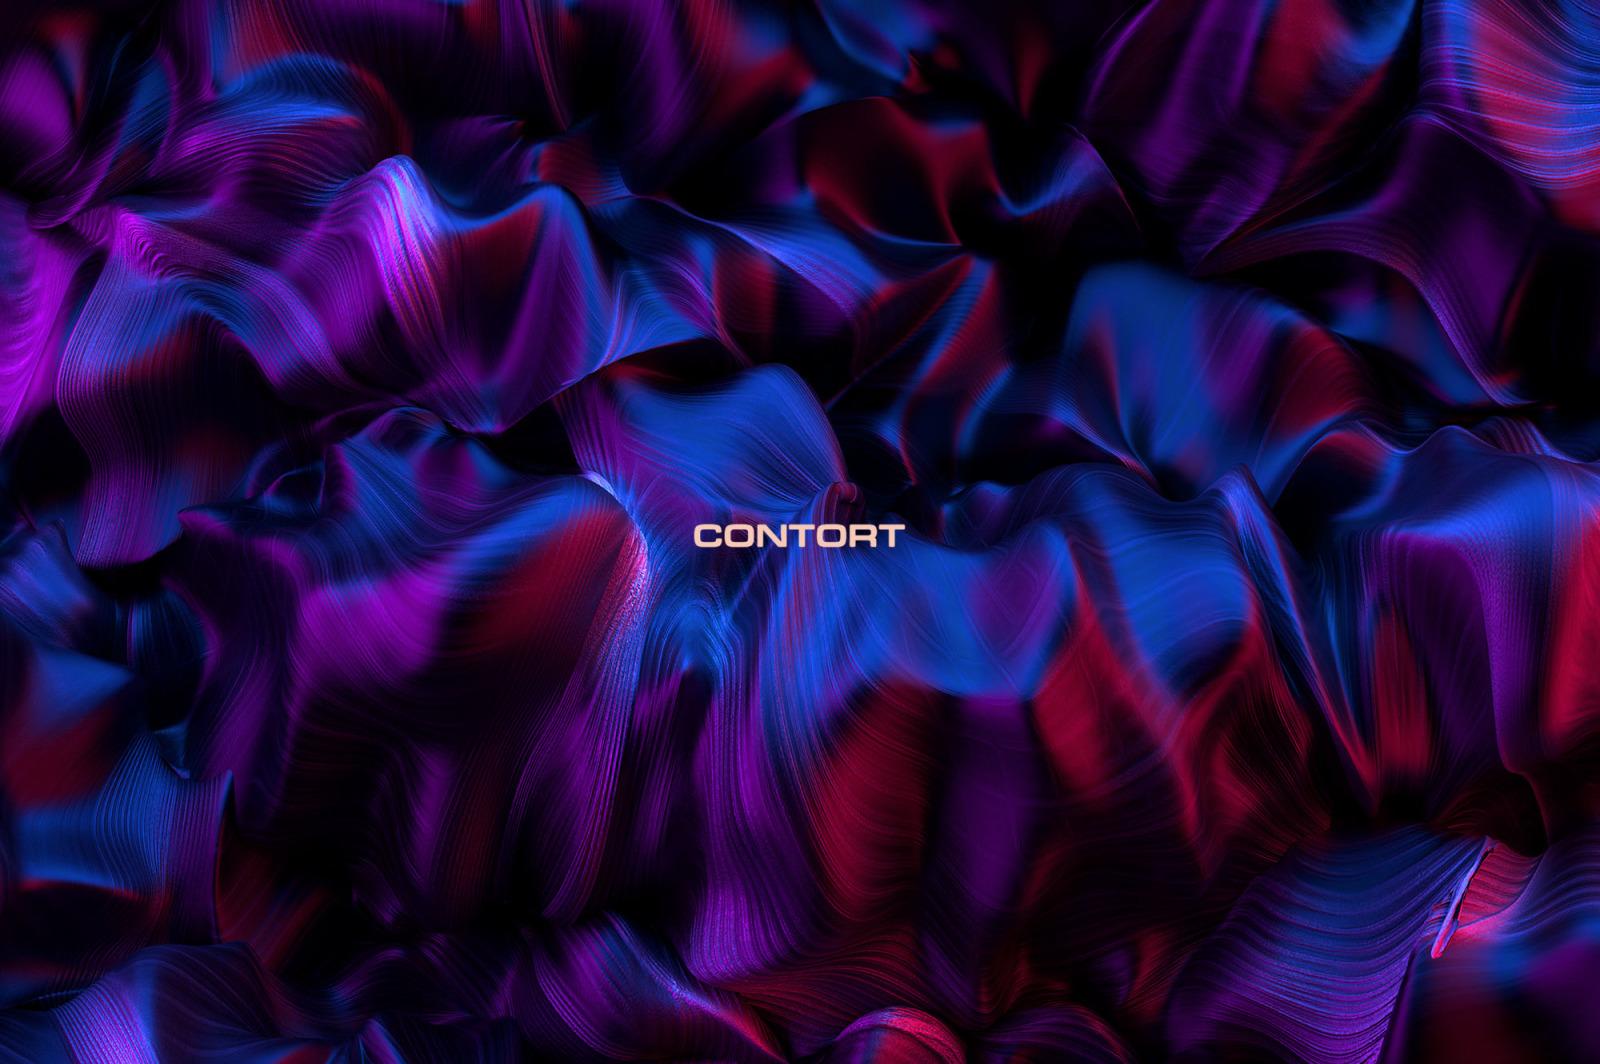 Contort: Experimental 3D Textures